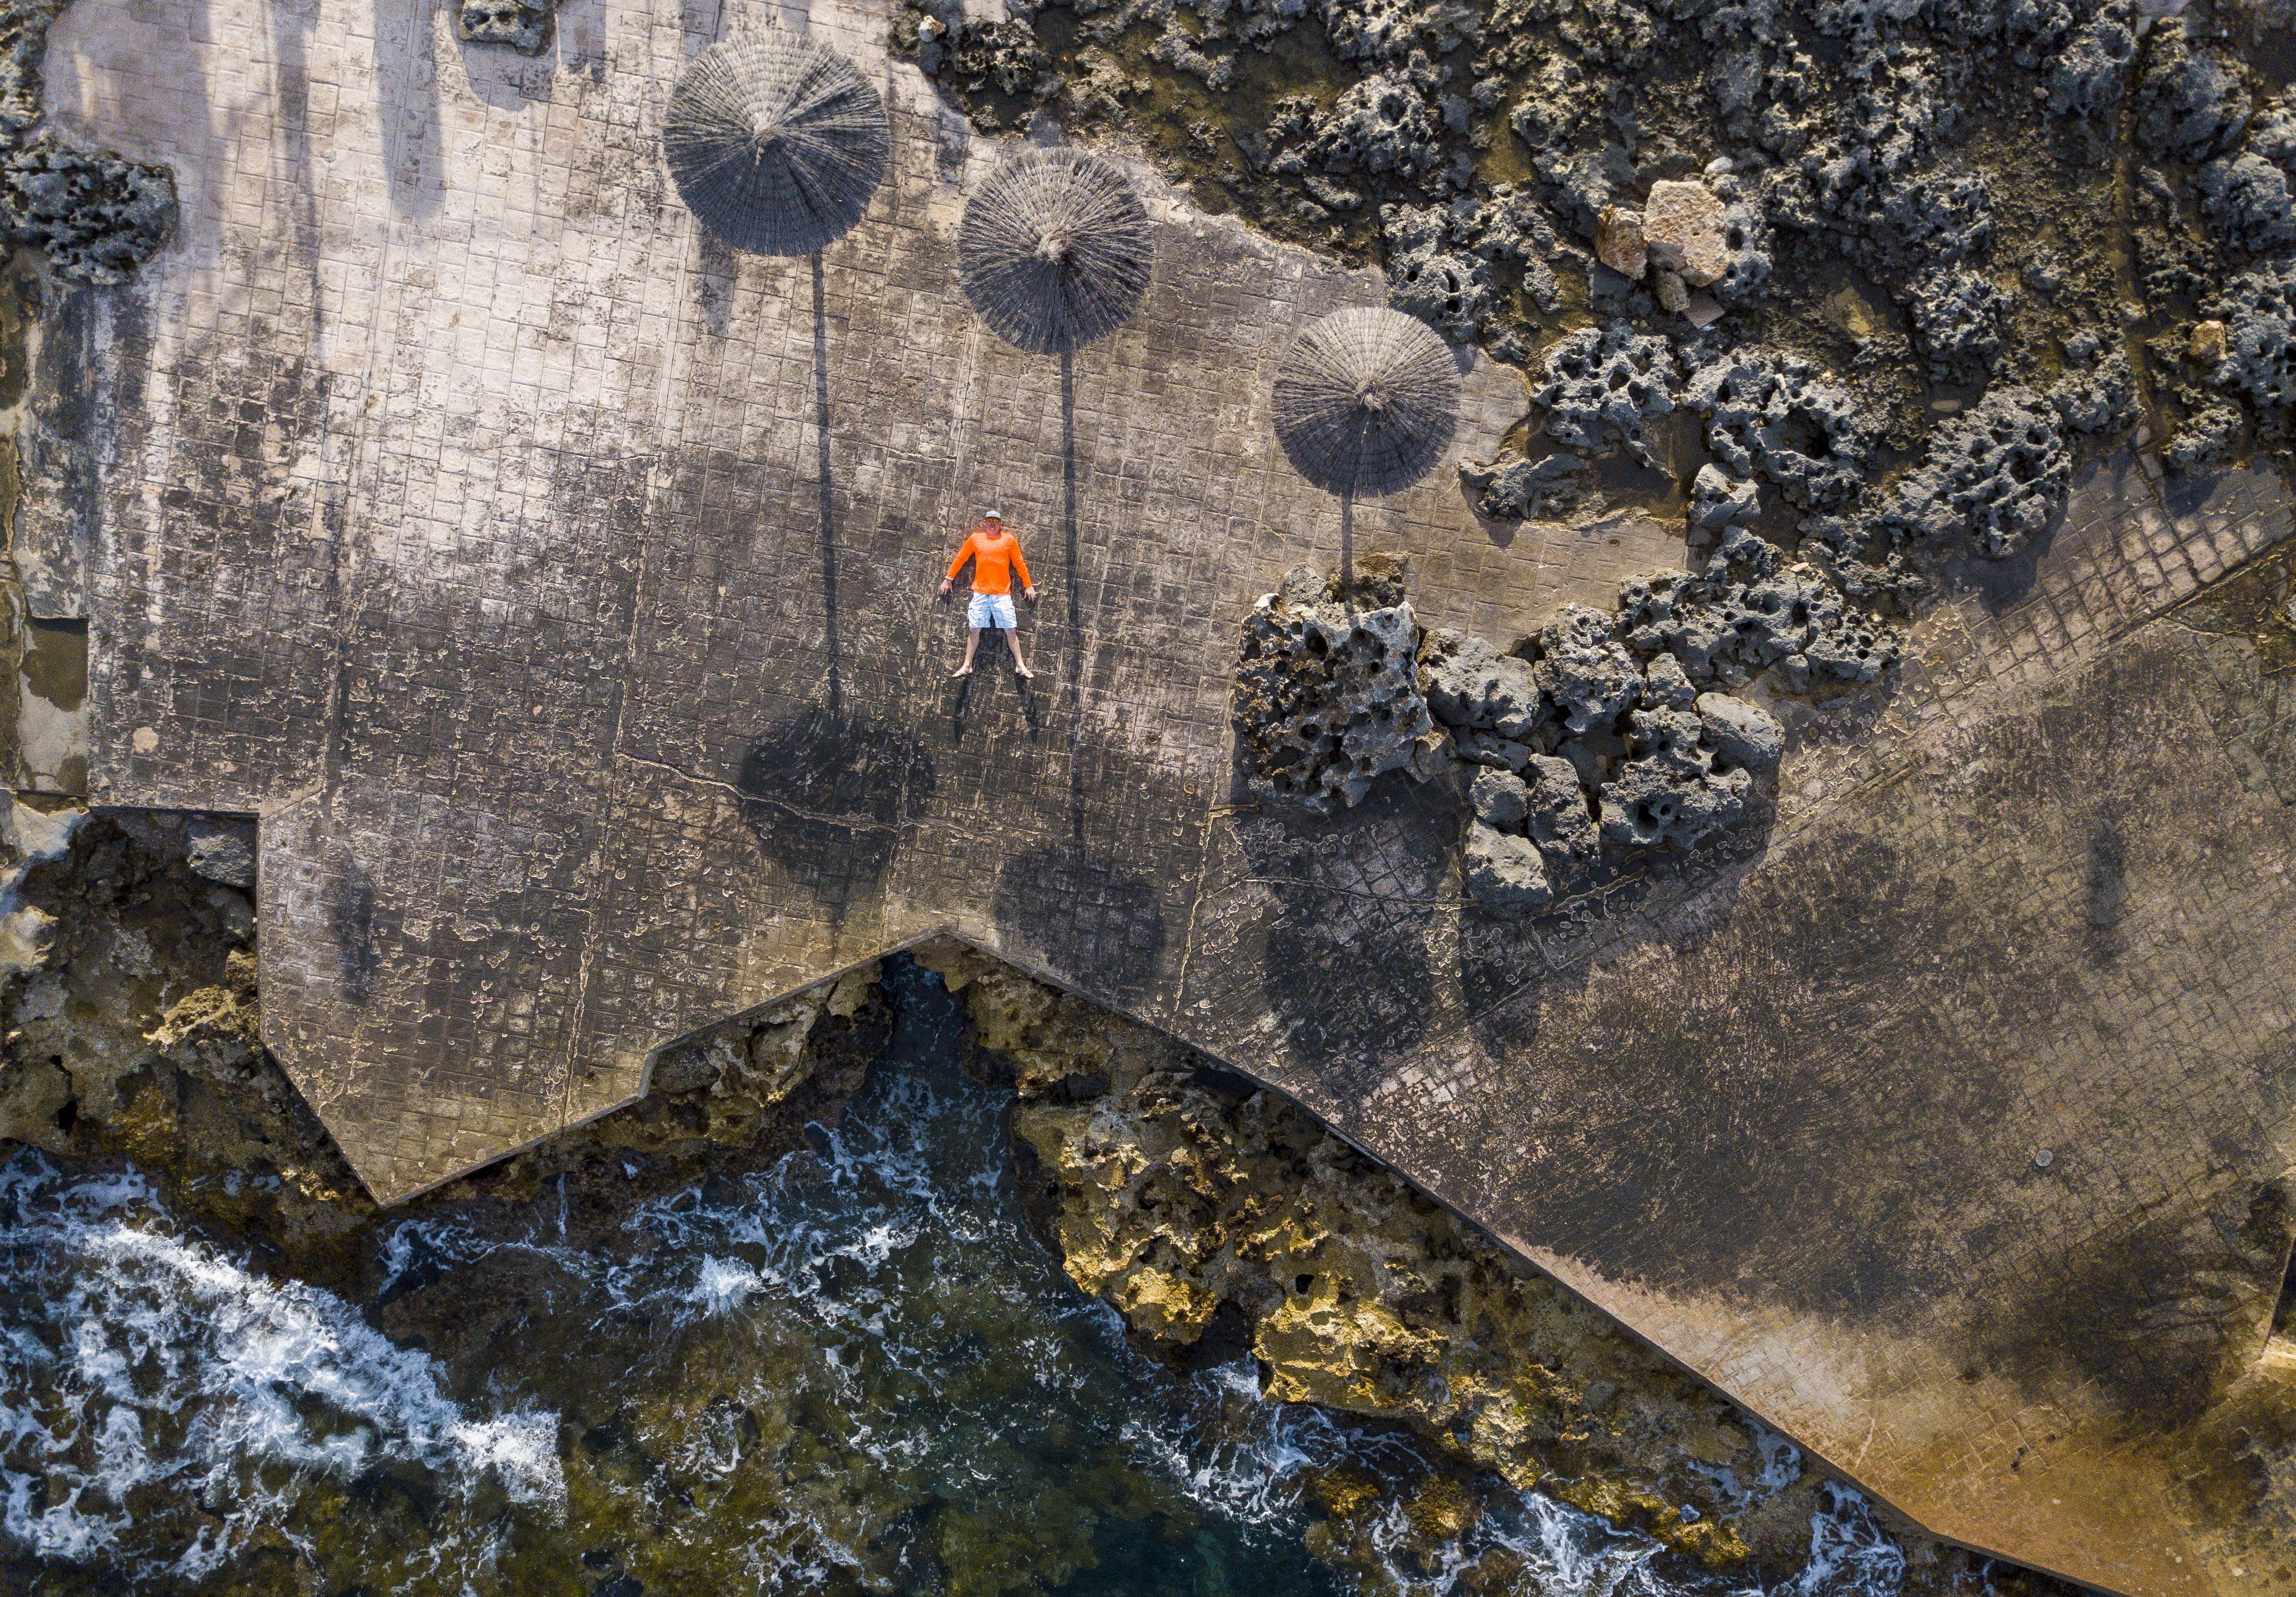 Drone scene